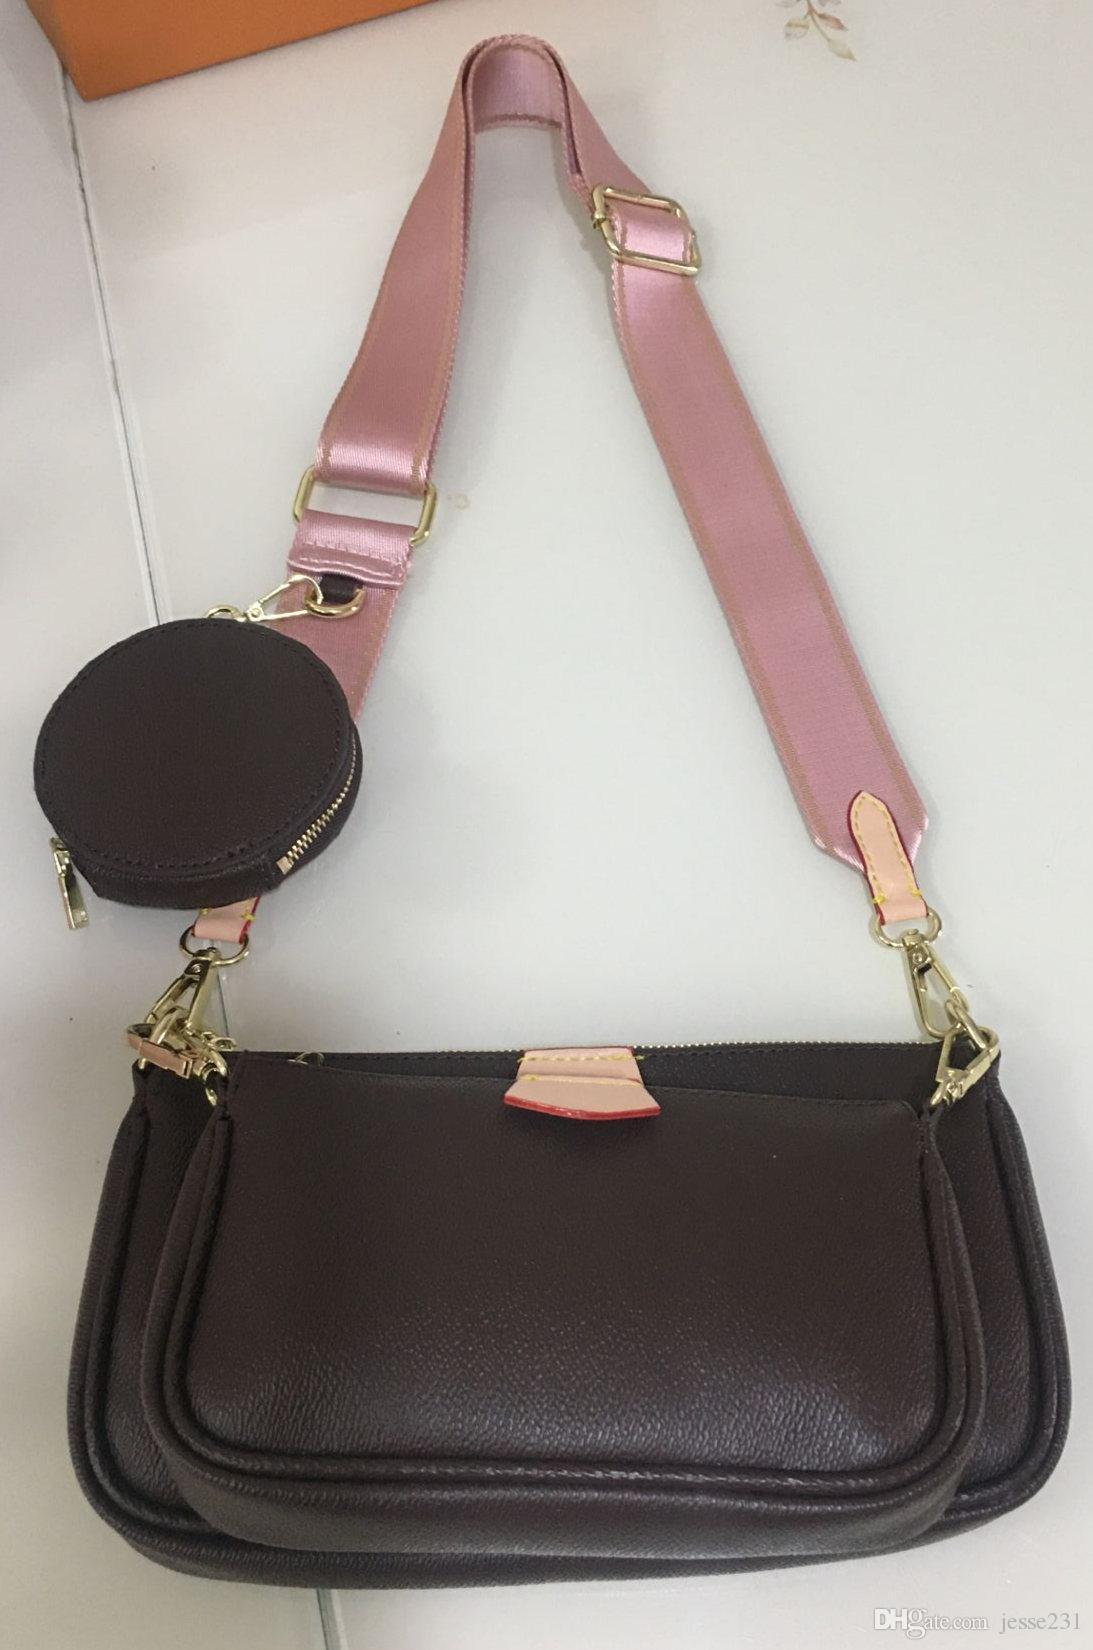 판매 3 종 세트 패션 가방 여성 크로스 바디 가방 정품 가죽 핸드백 지갑 레이디 토트 가방 동전 지갑 세 가지 항목